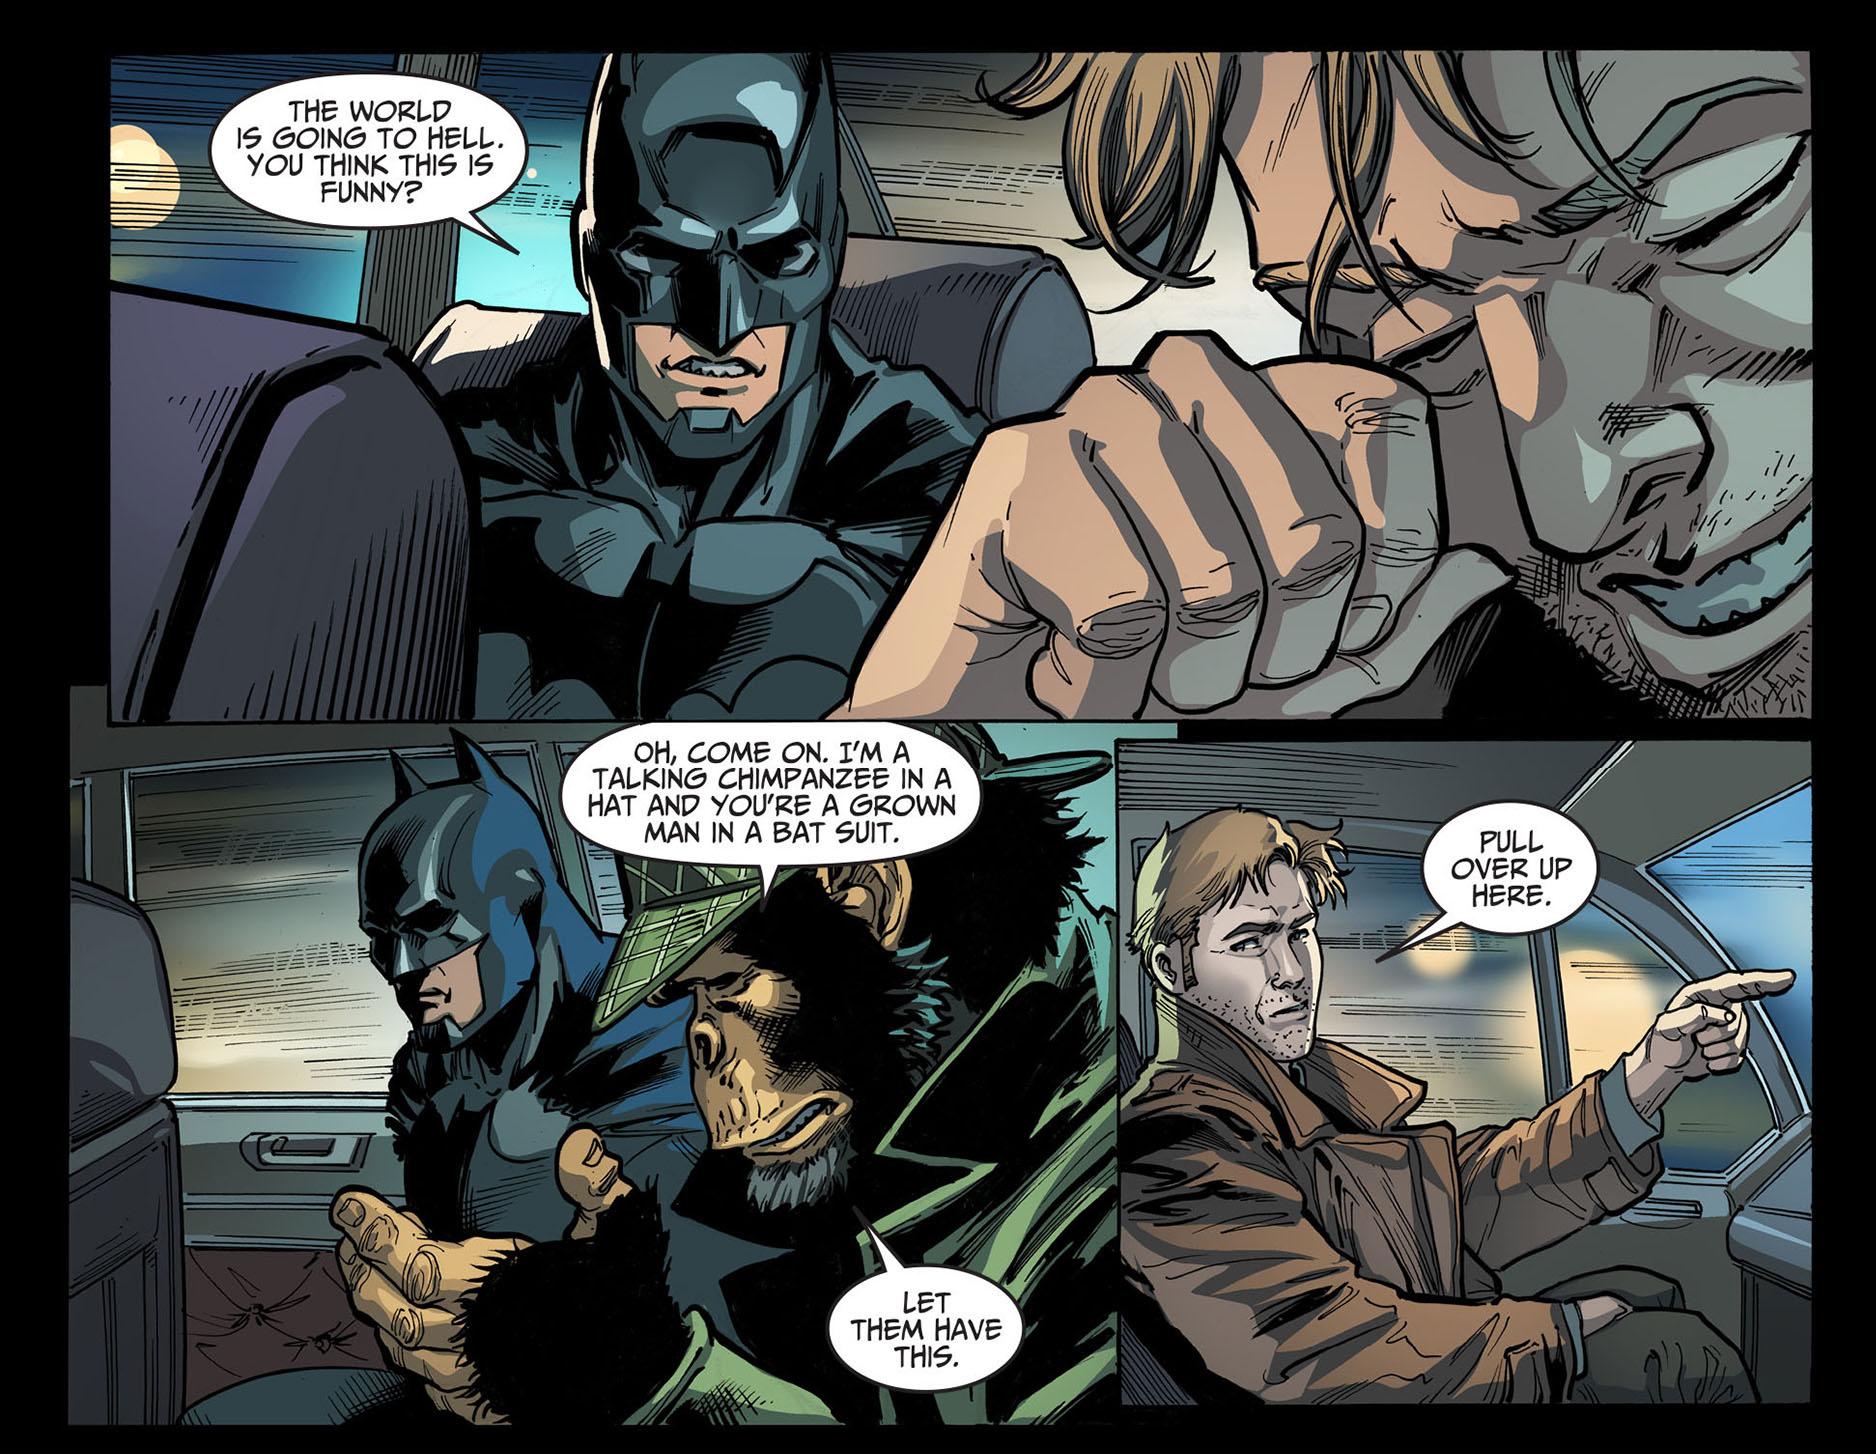 constantine jokes about batman 3